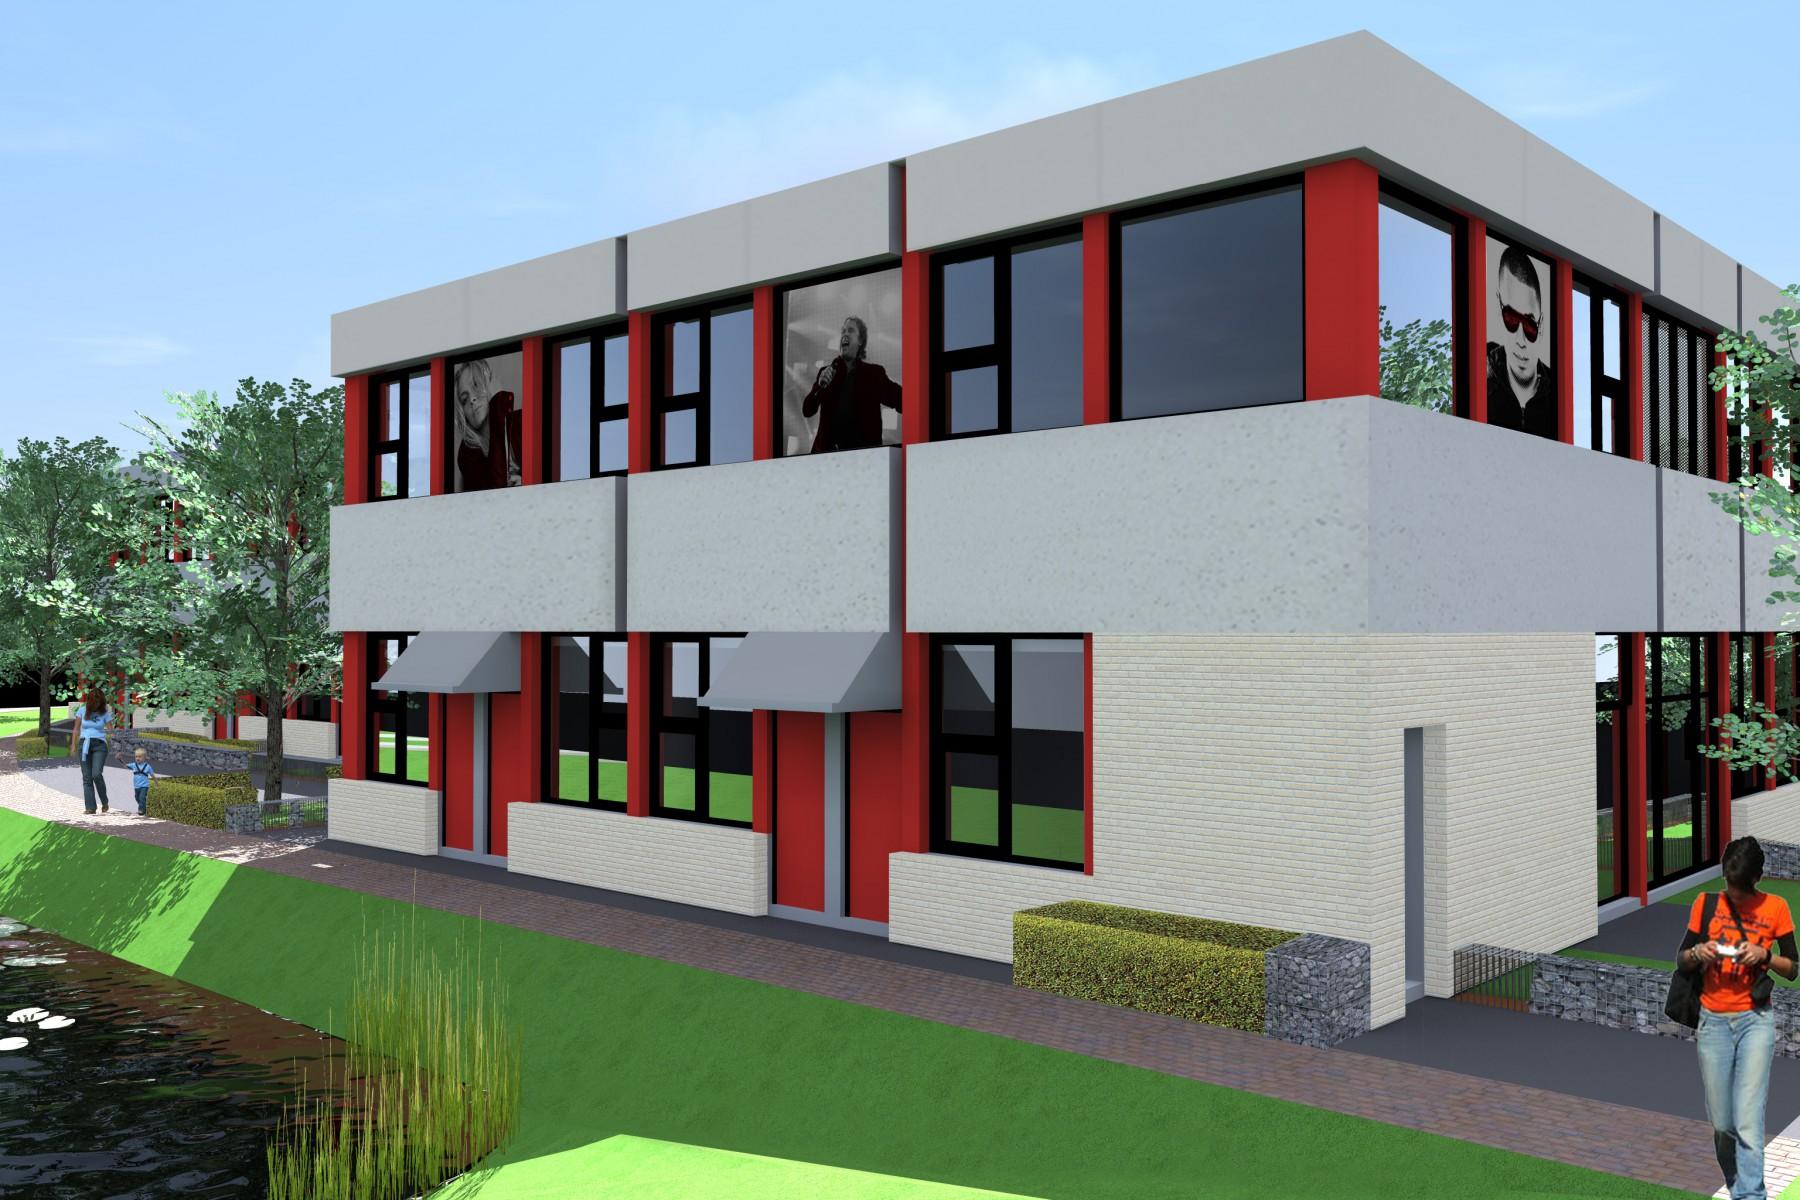 Nieuwegein, Brinkwal, 25 twee-kamerwoningen